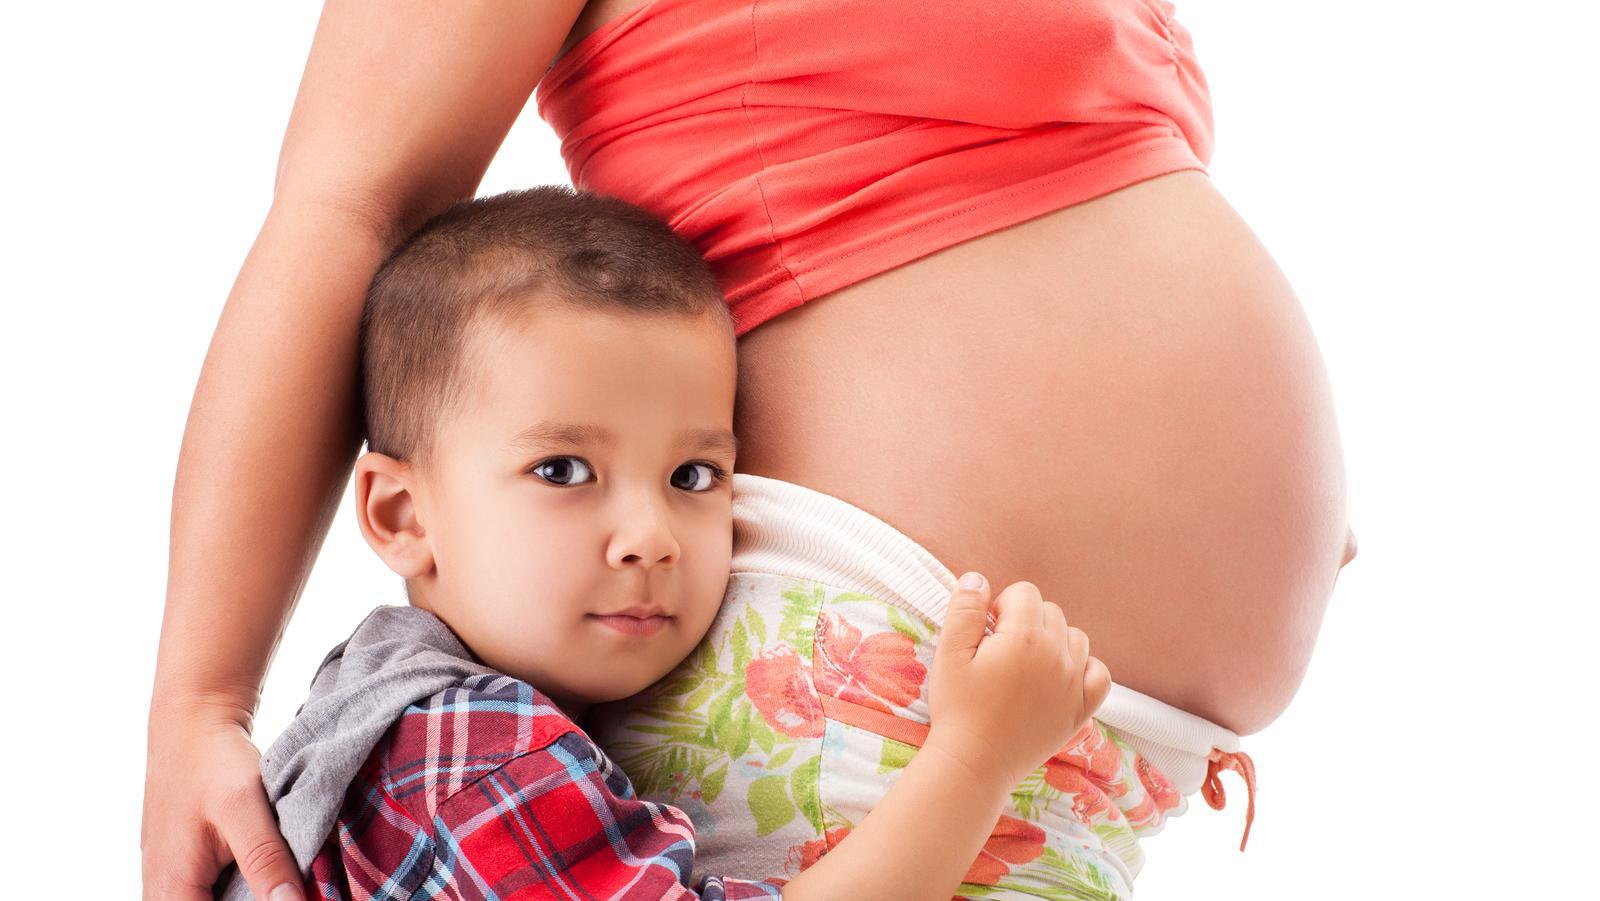 Tested változása a terhesség alatt | bestcarwash.hu